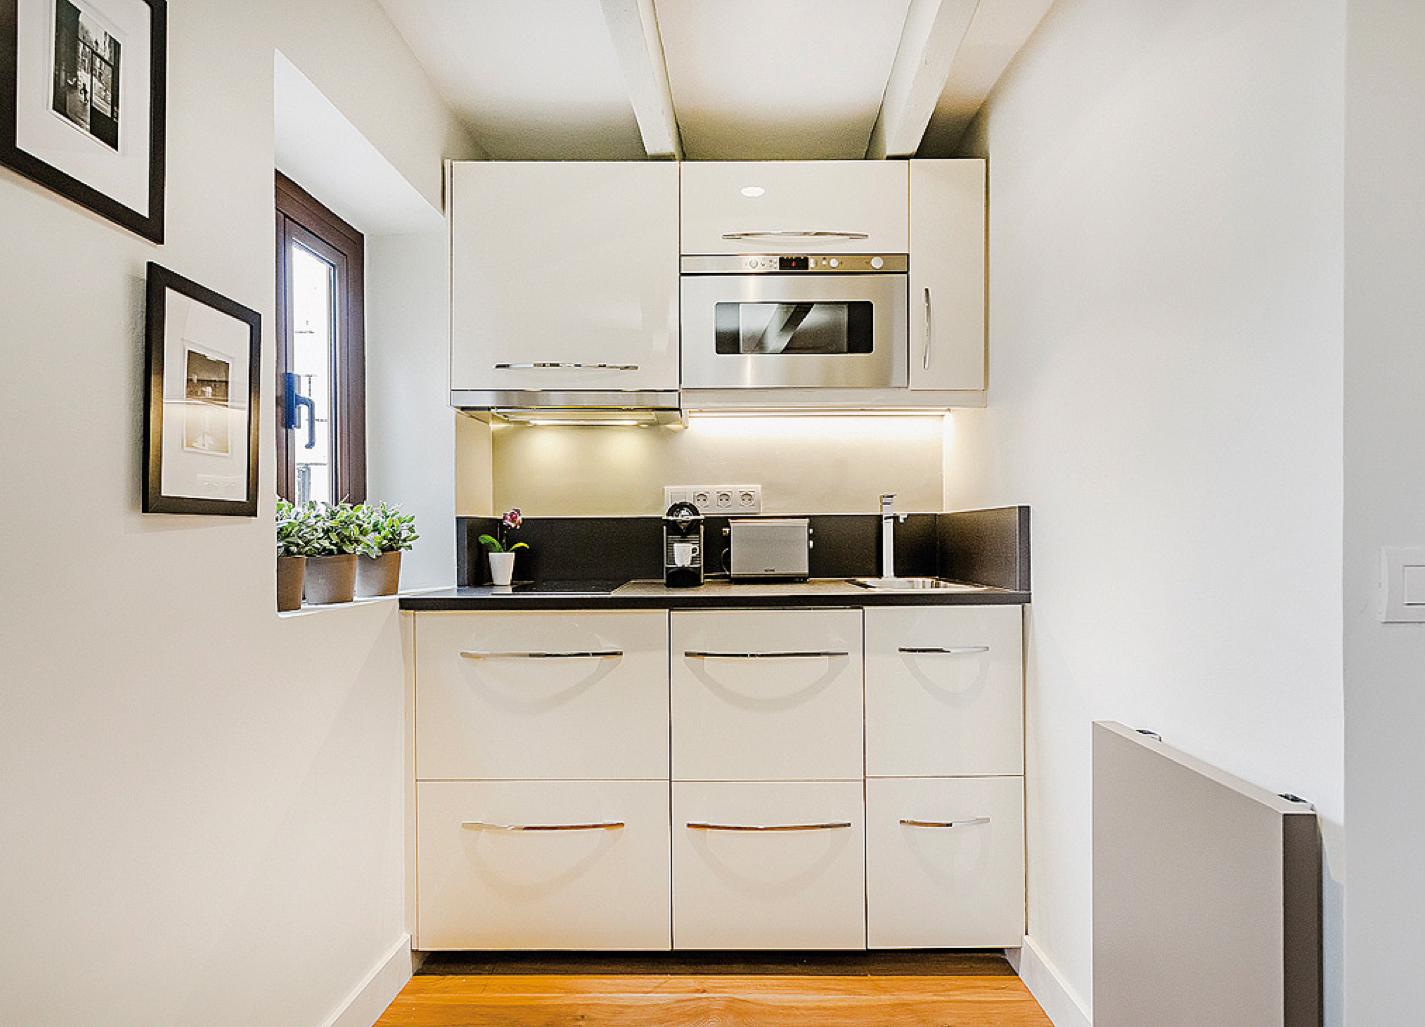 Camera da letto con travi cartongesso - Mini cucine per monolocali ...